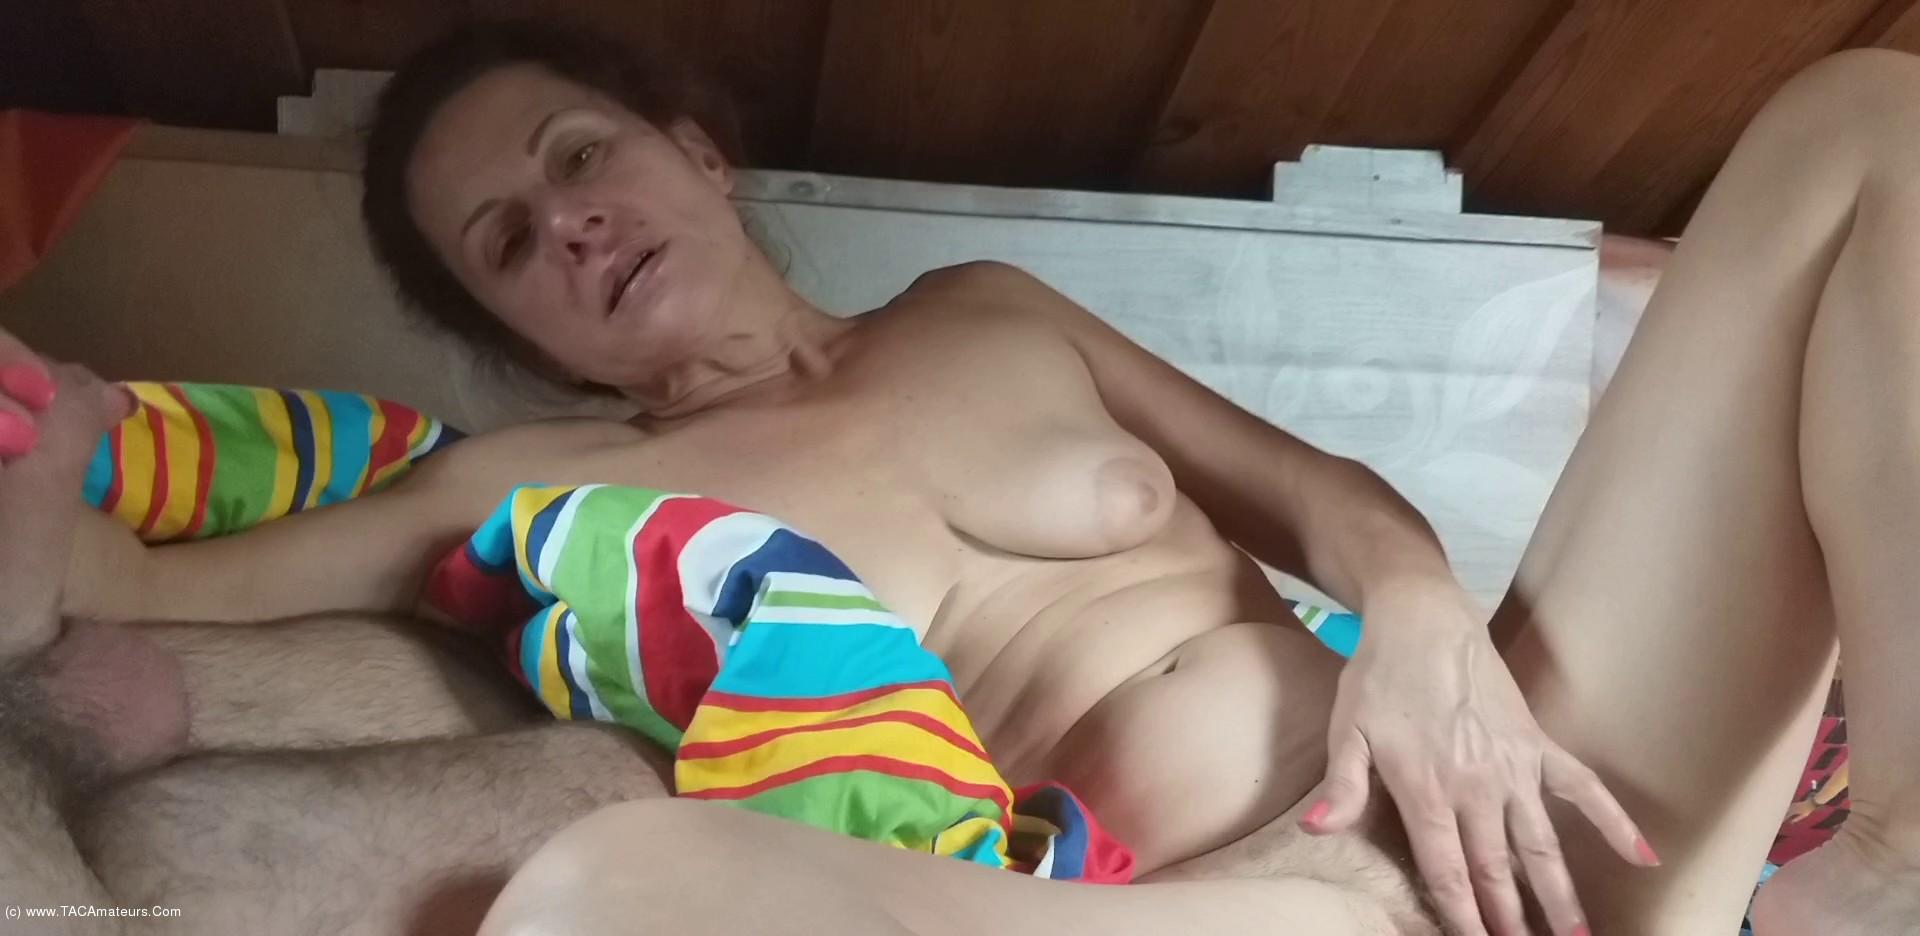 DianaAnanta - Sex Under The Roof scene 2